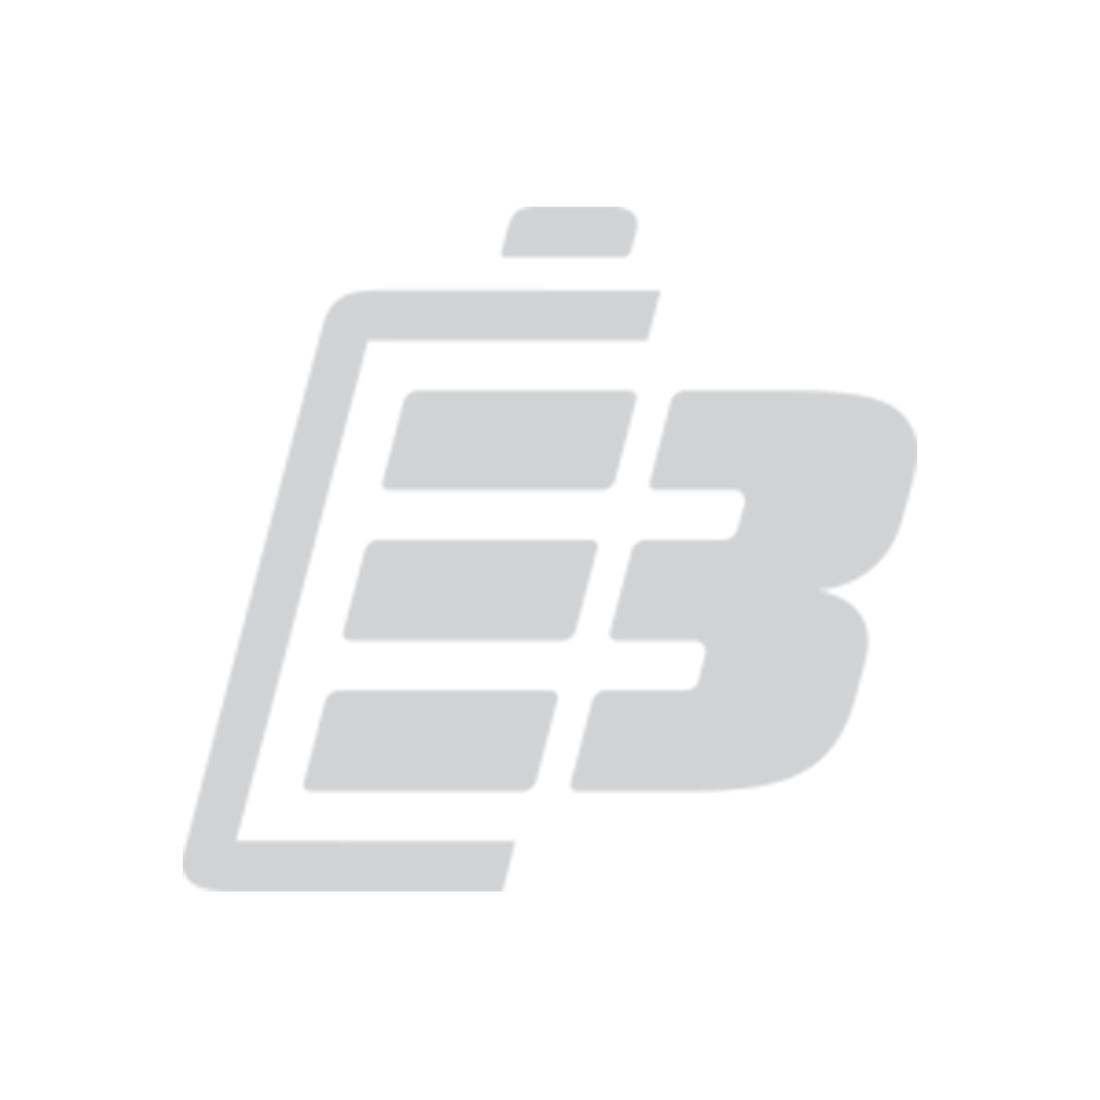 Μπαταρία ασύρματου ποντικιού Logitech G7 Laser_1